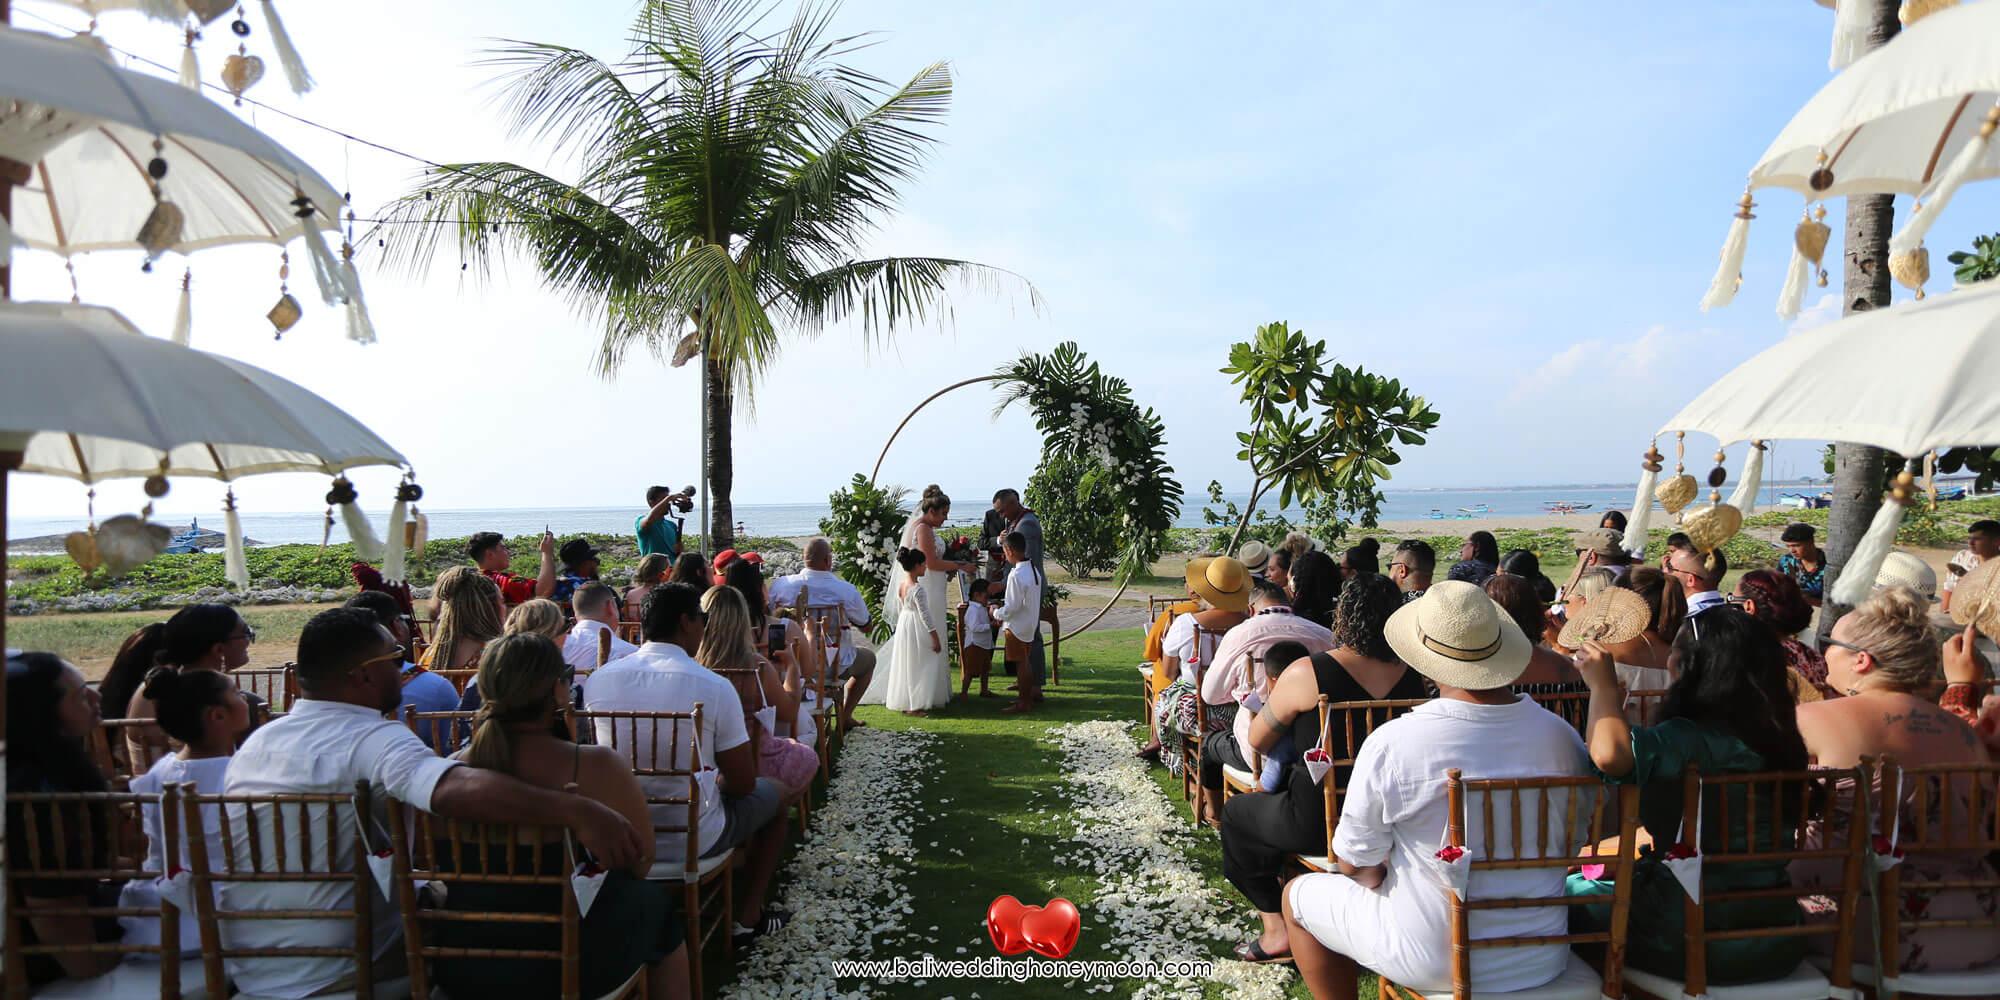 weddingvenuebali-gardenbaliwedding-baliweddinghoneymoon-baliweddingorganizer-baliweddingplanner-baliweddingpackage-holidayinbarunabali5